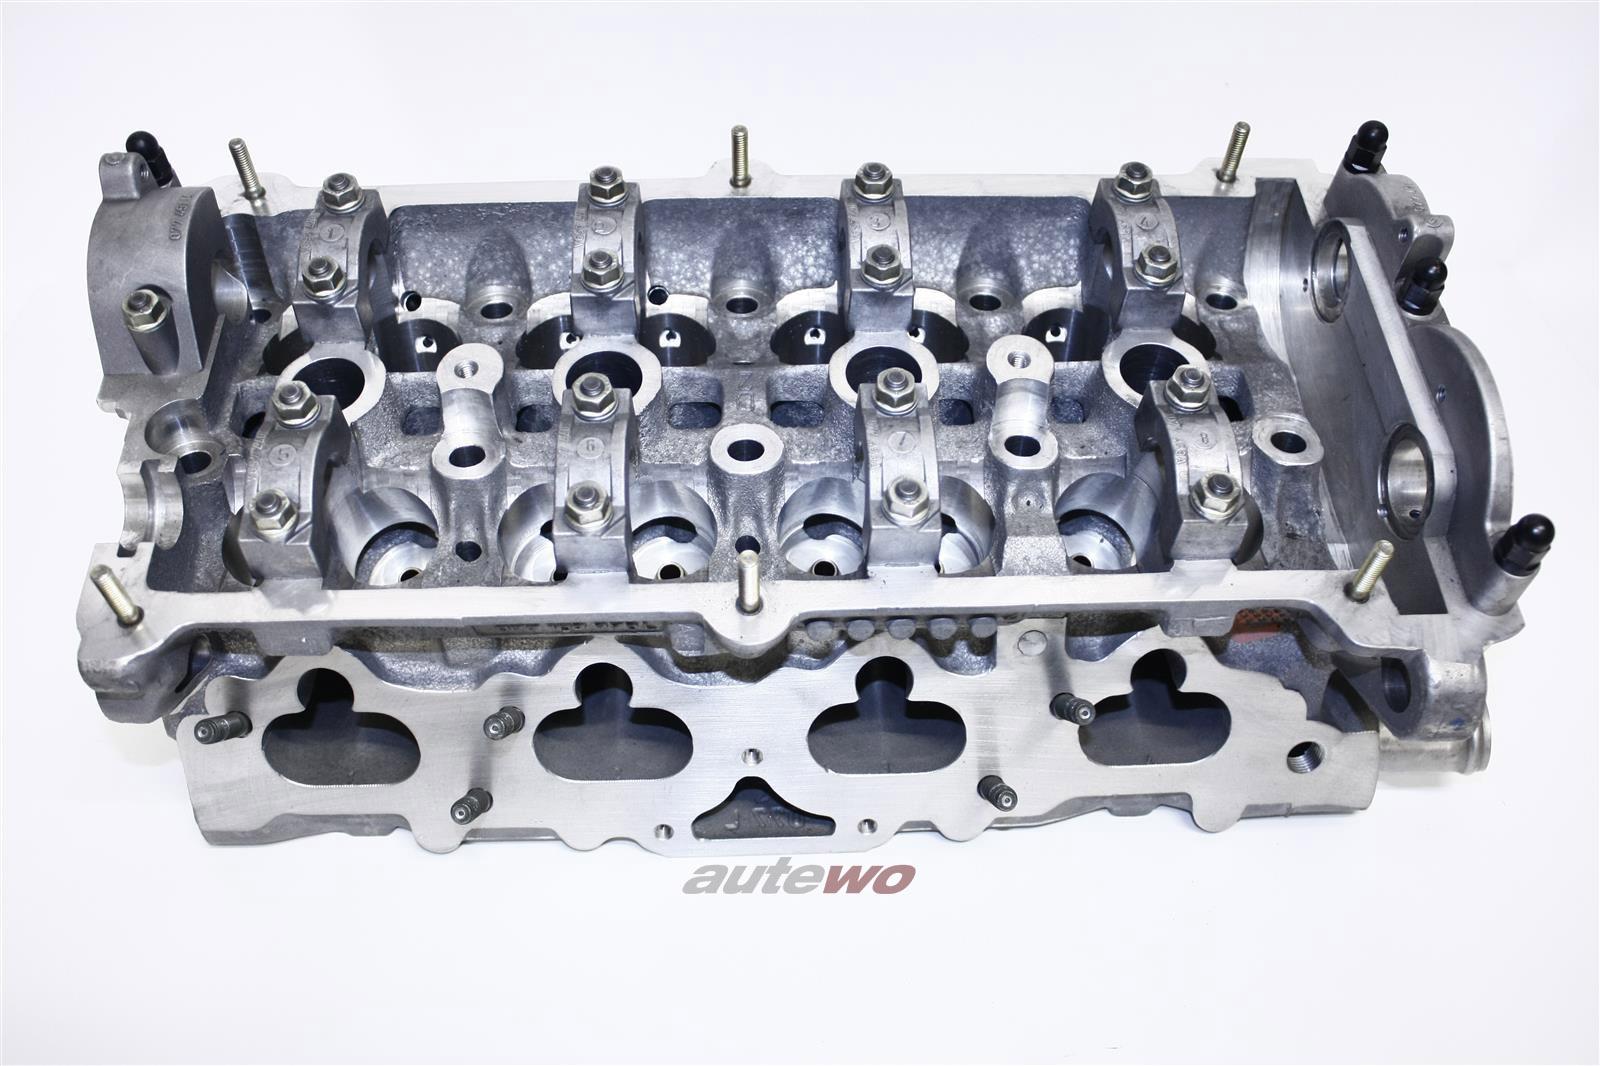 077103351E 077103373L NEU Audi S4/C4/V8 D11 4.2l 8 Zyl. Zylinderkopf Links